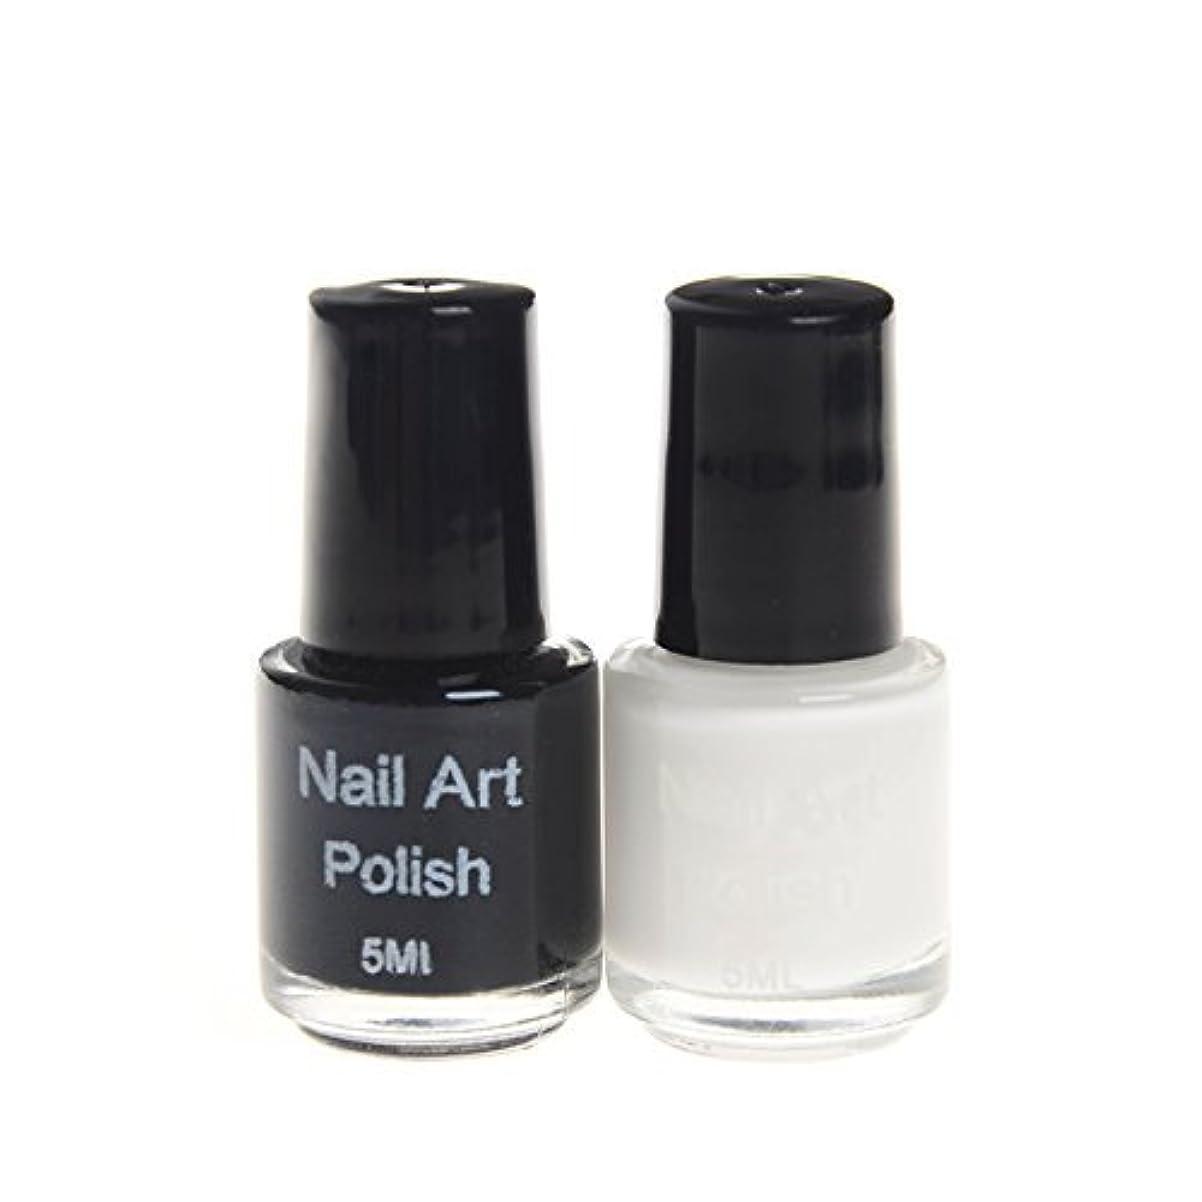 そんなにファンブル晴れスタンプネイル専用ポリッシュ 2色ホワイト&ブラックカラーマニキュアネイルアート  スタンプネイルアート